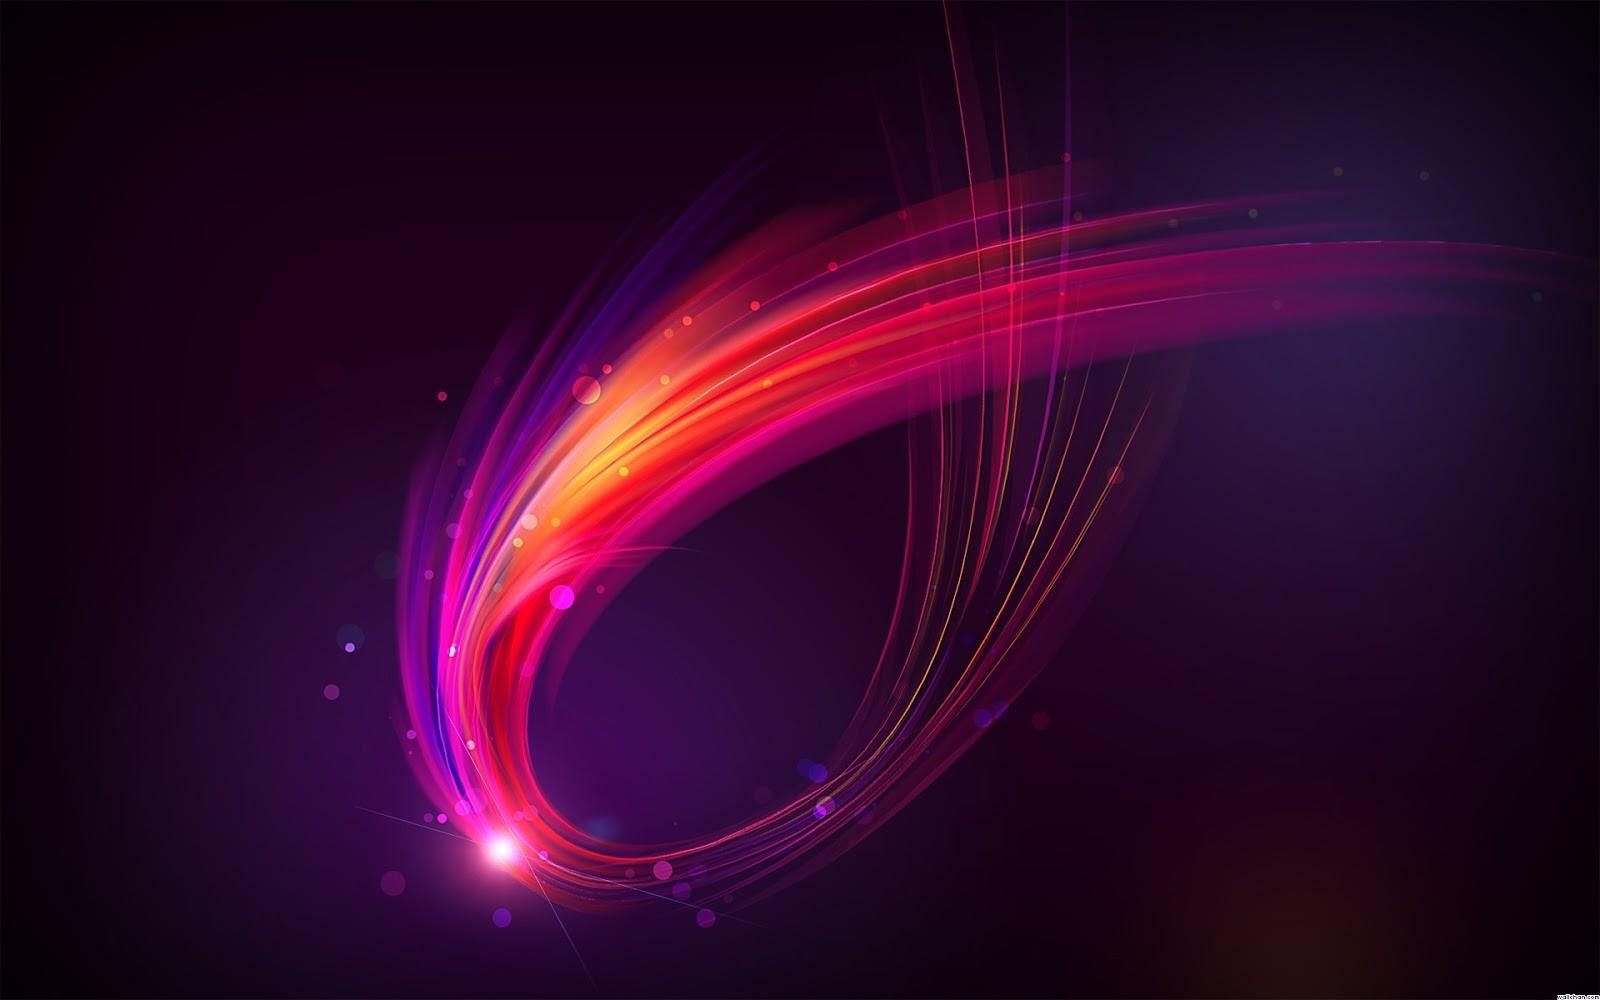 Desktop Nexus Abstract Wallpapers: Pink Background HD:Computer Wallpaper